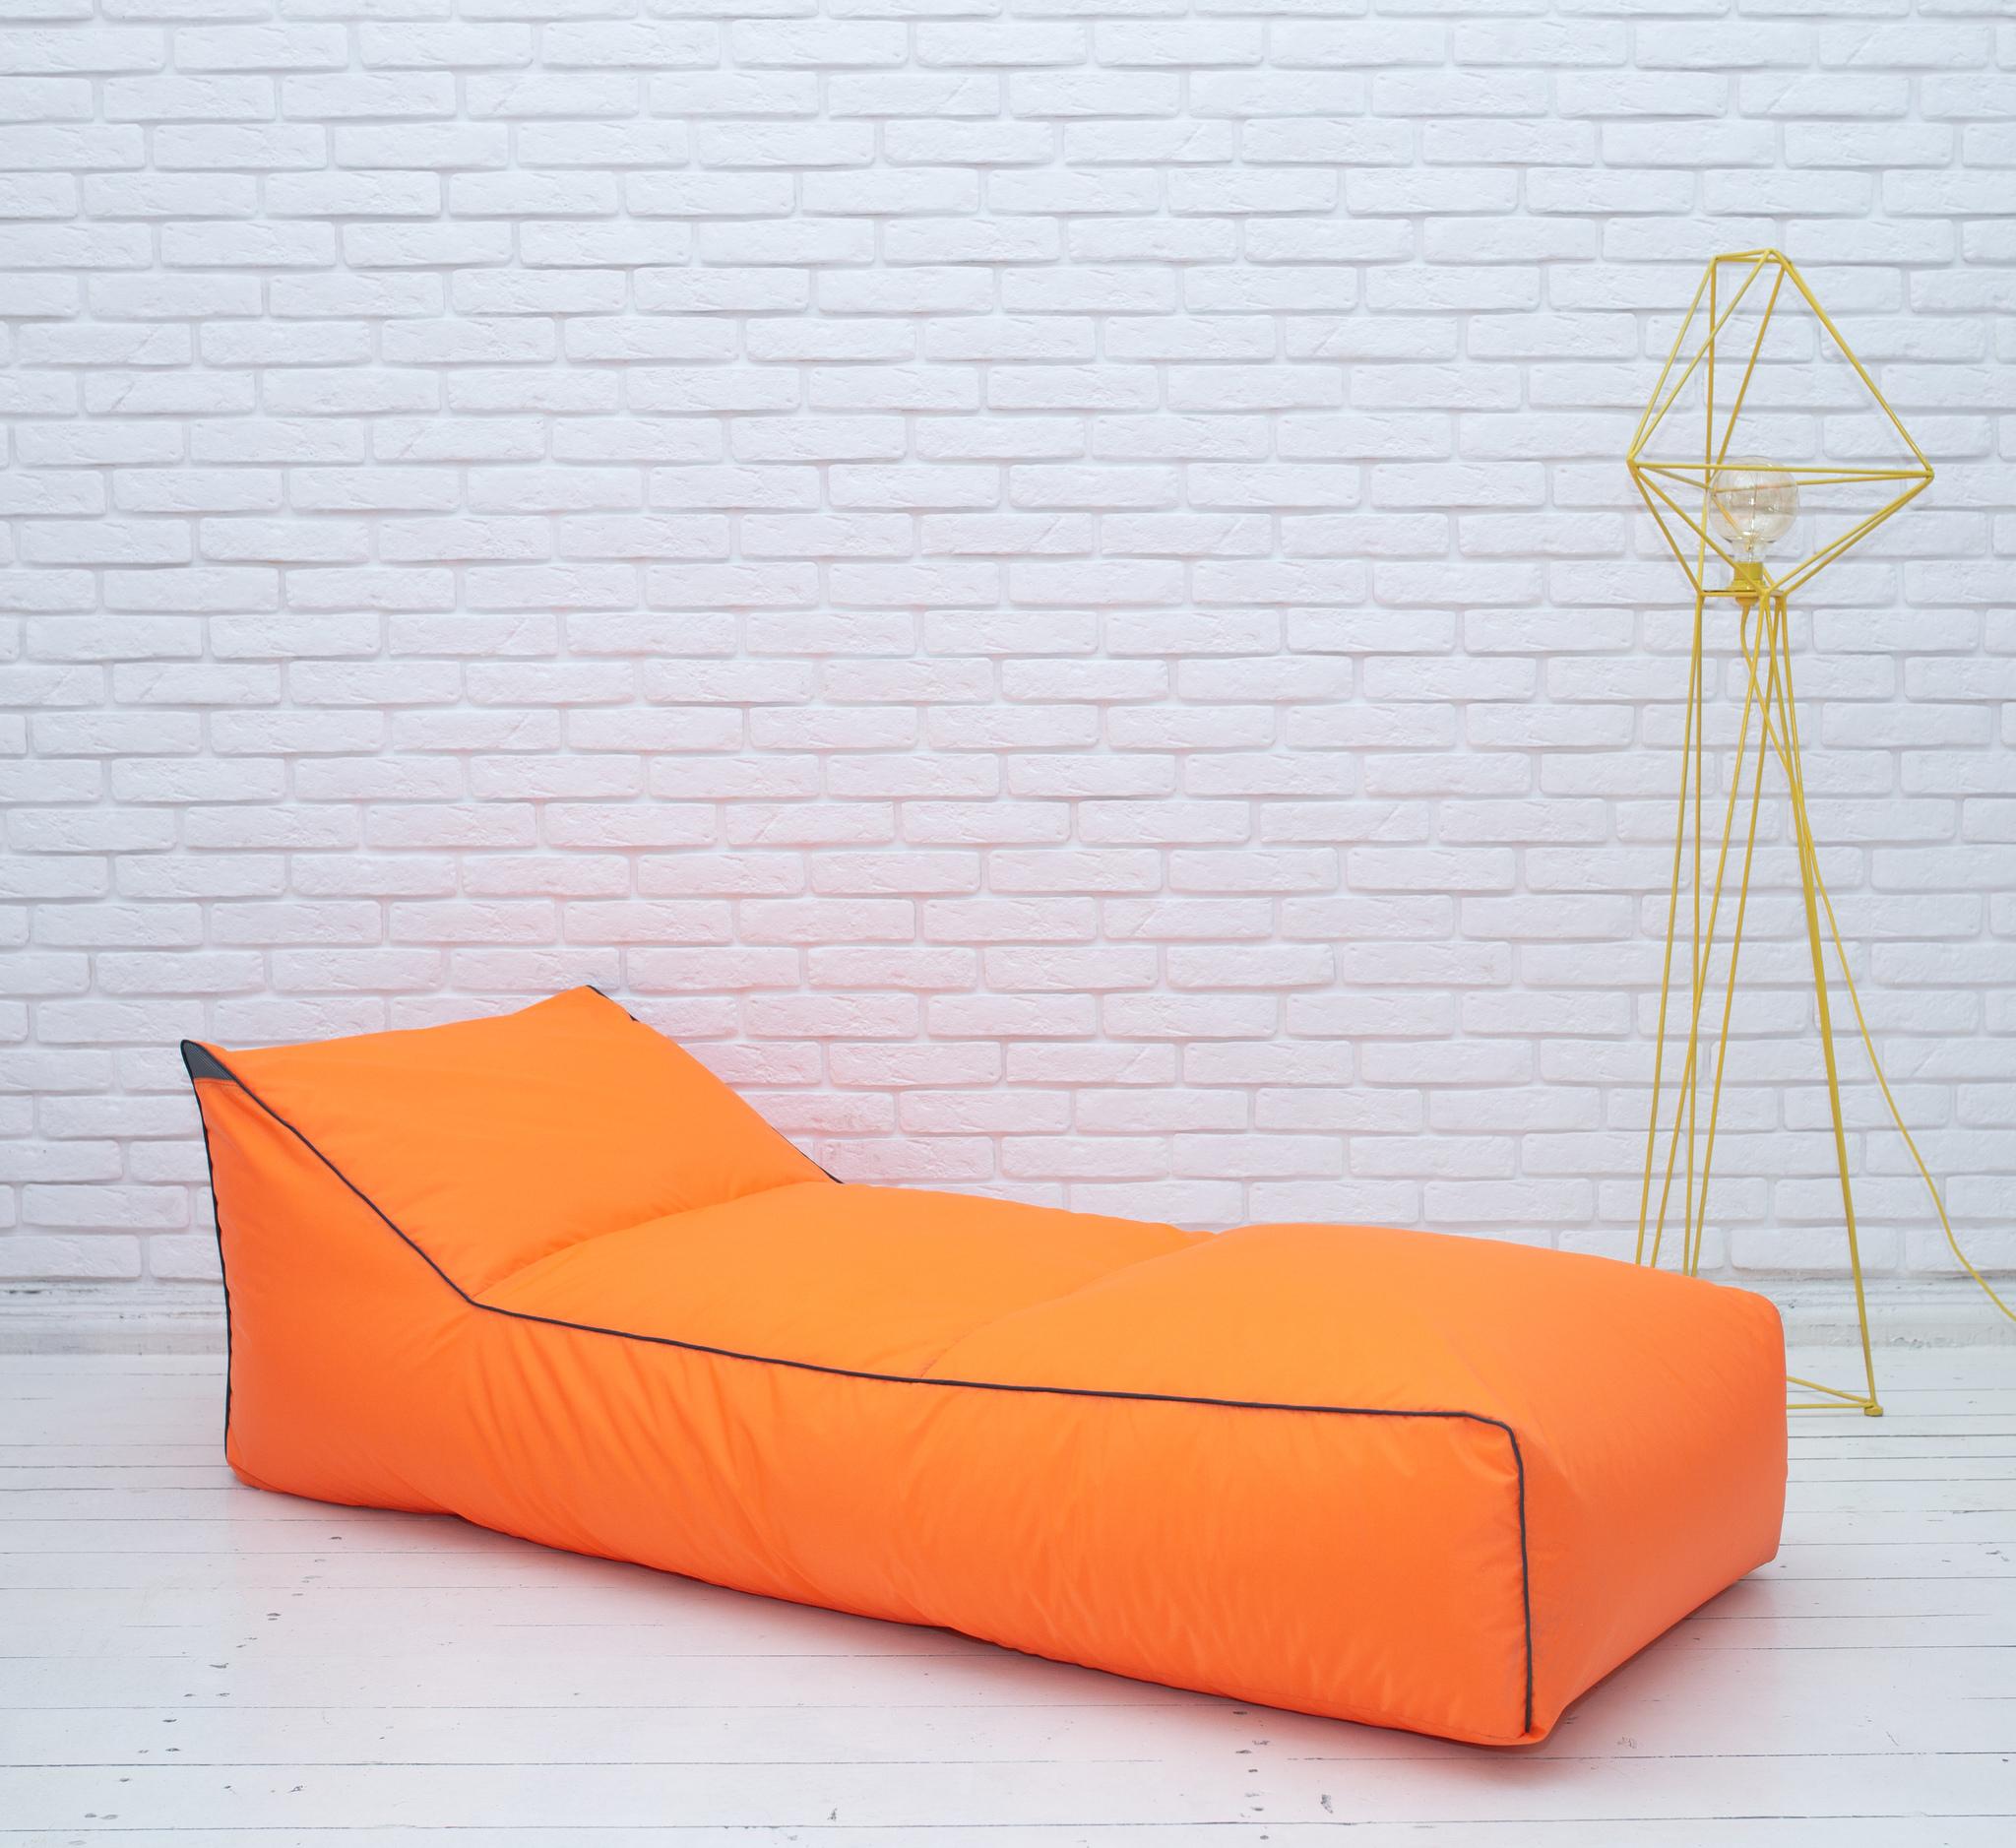 Шезлонг плащёвка (неоново-оранжевый)